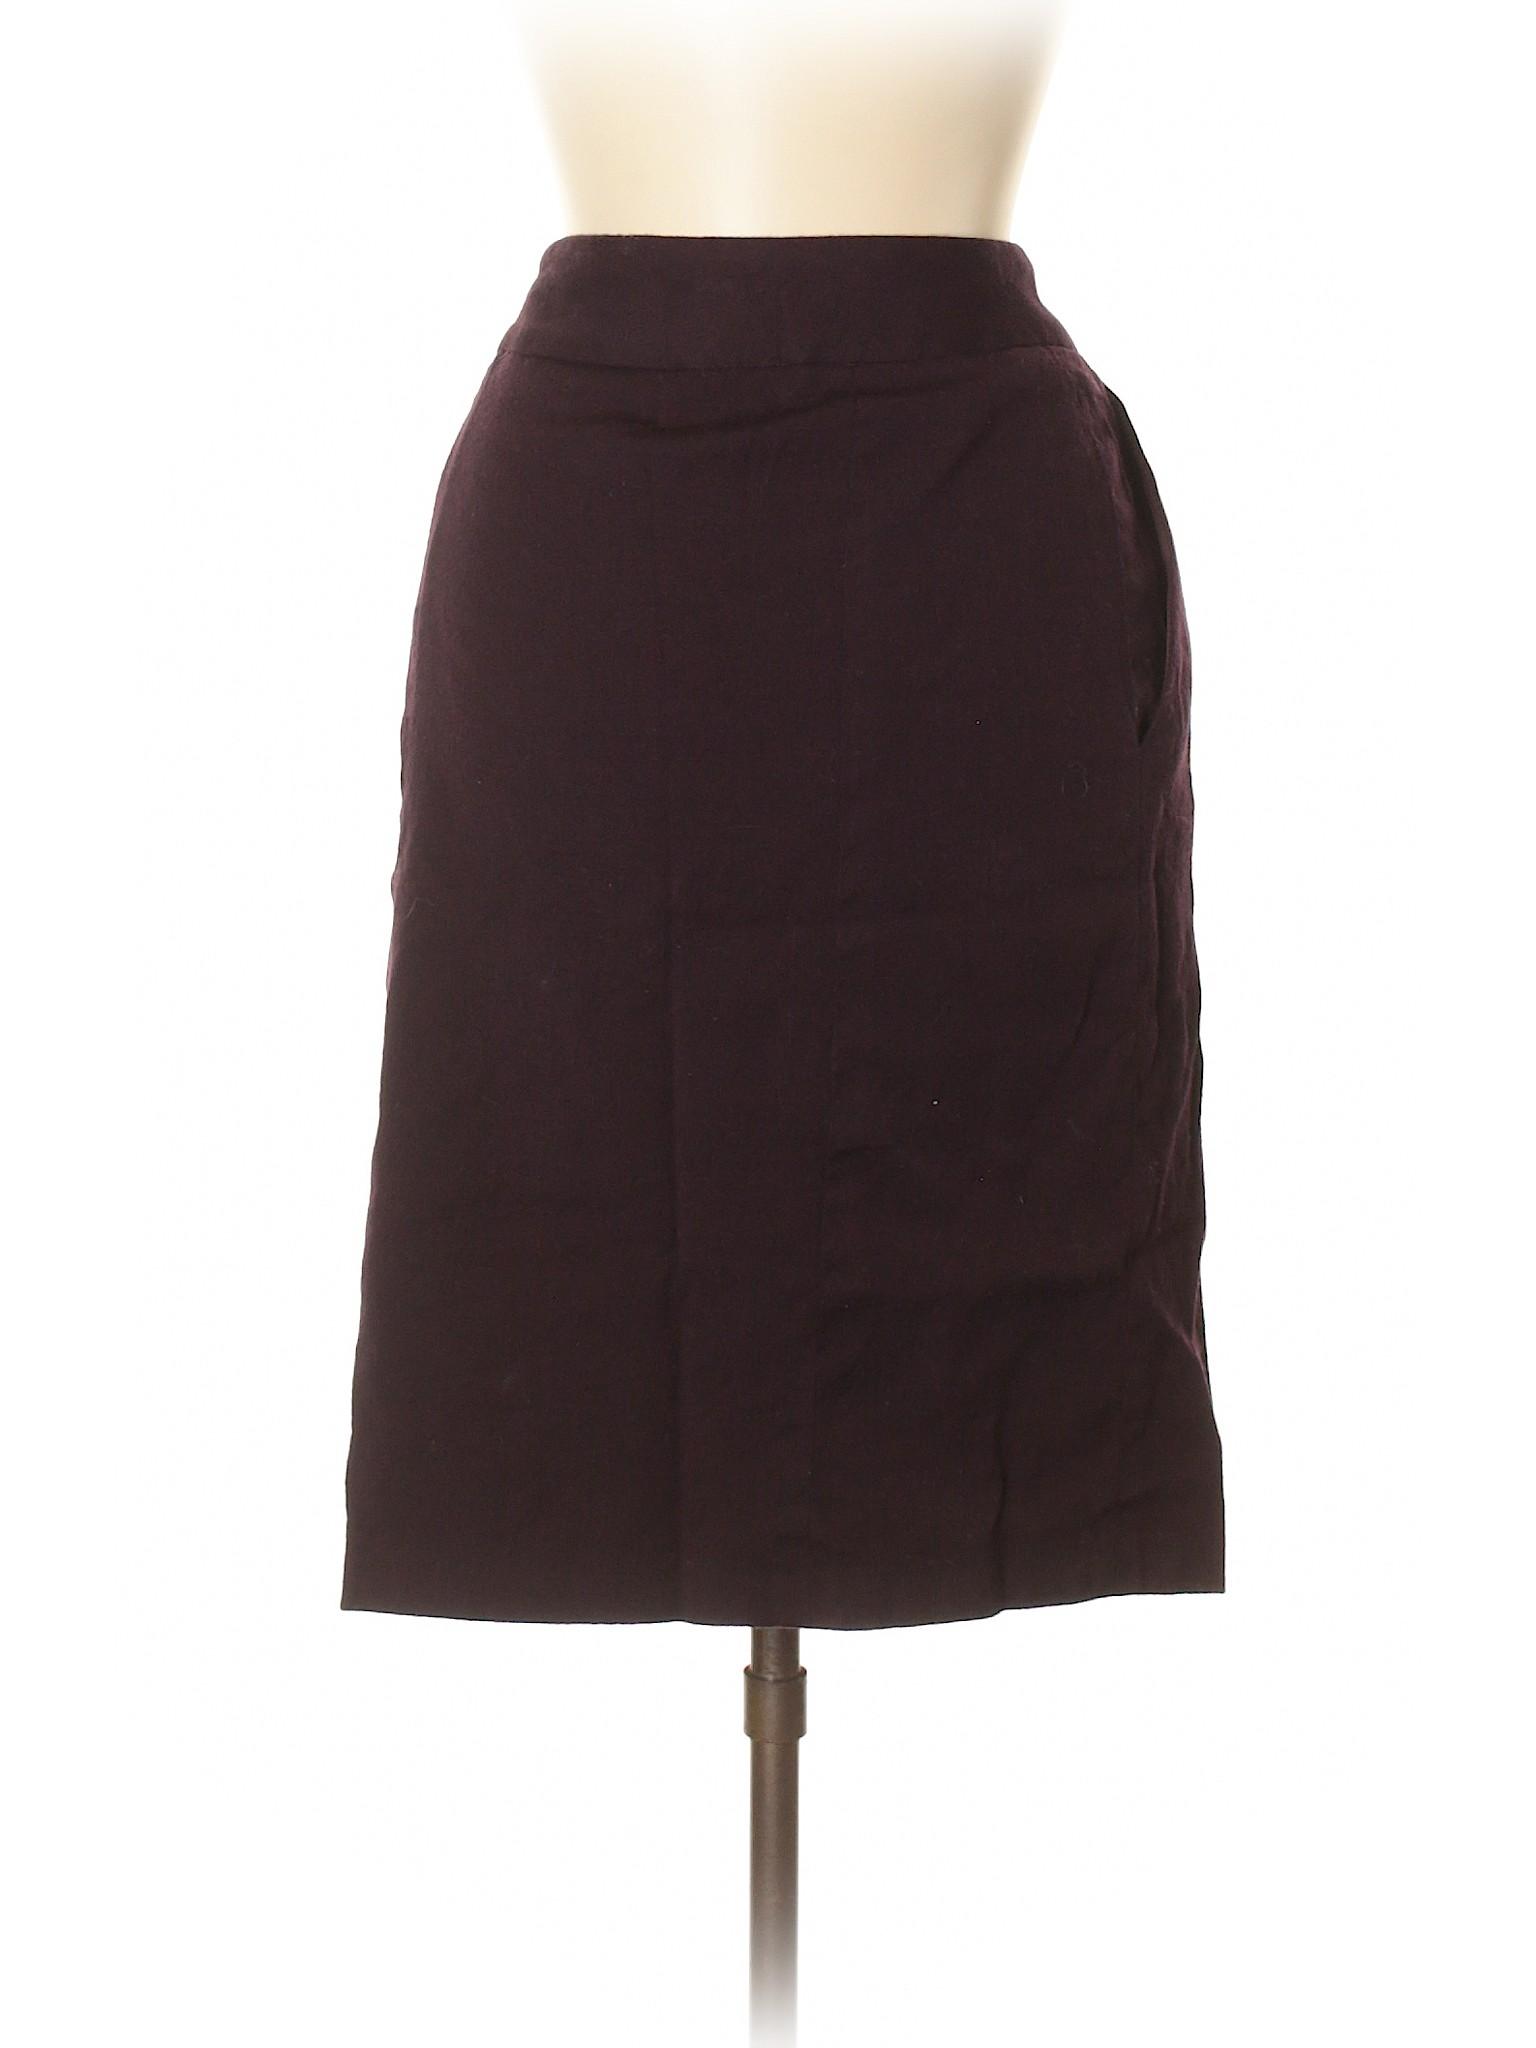 Boutique Boutique Wool Wool Skirt Boutique Skirt 5w1zqC